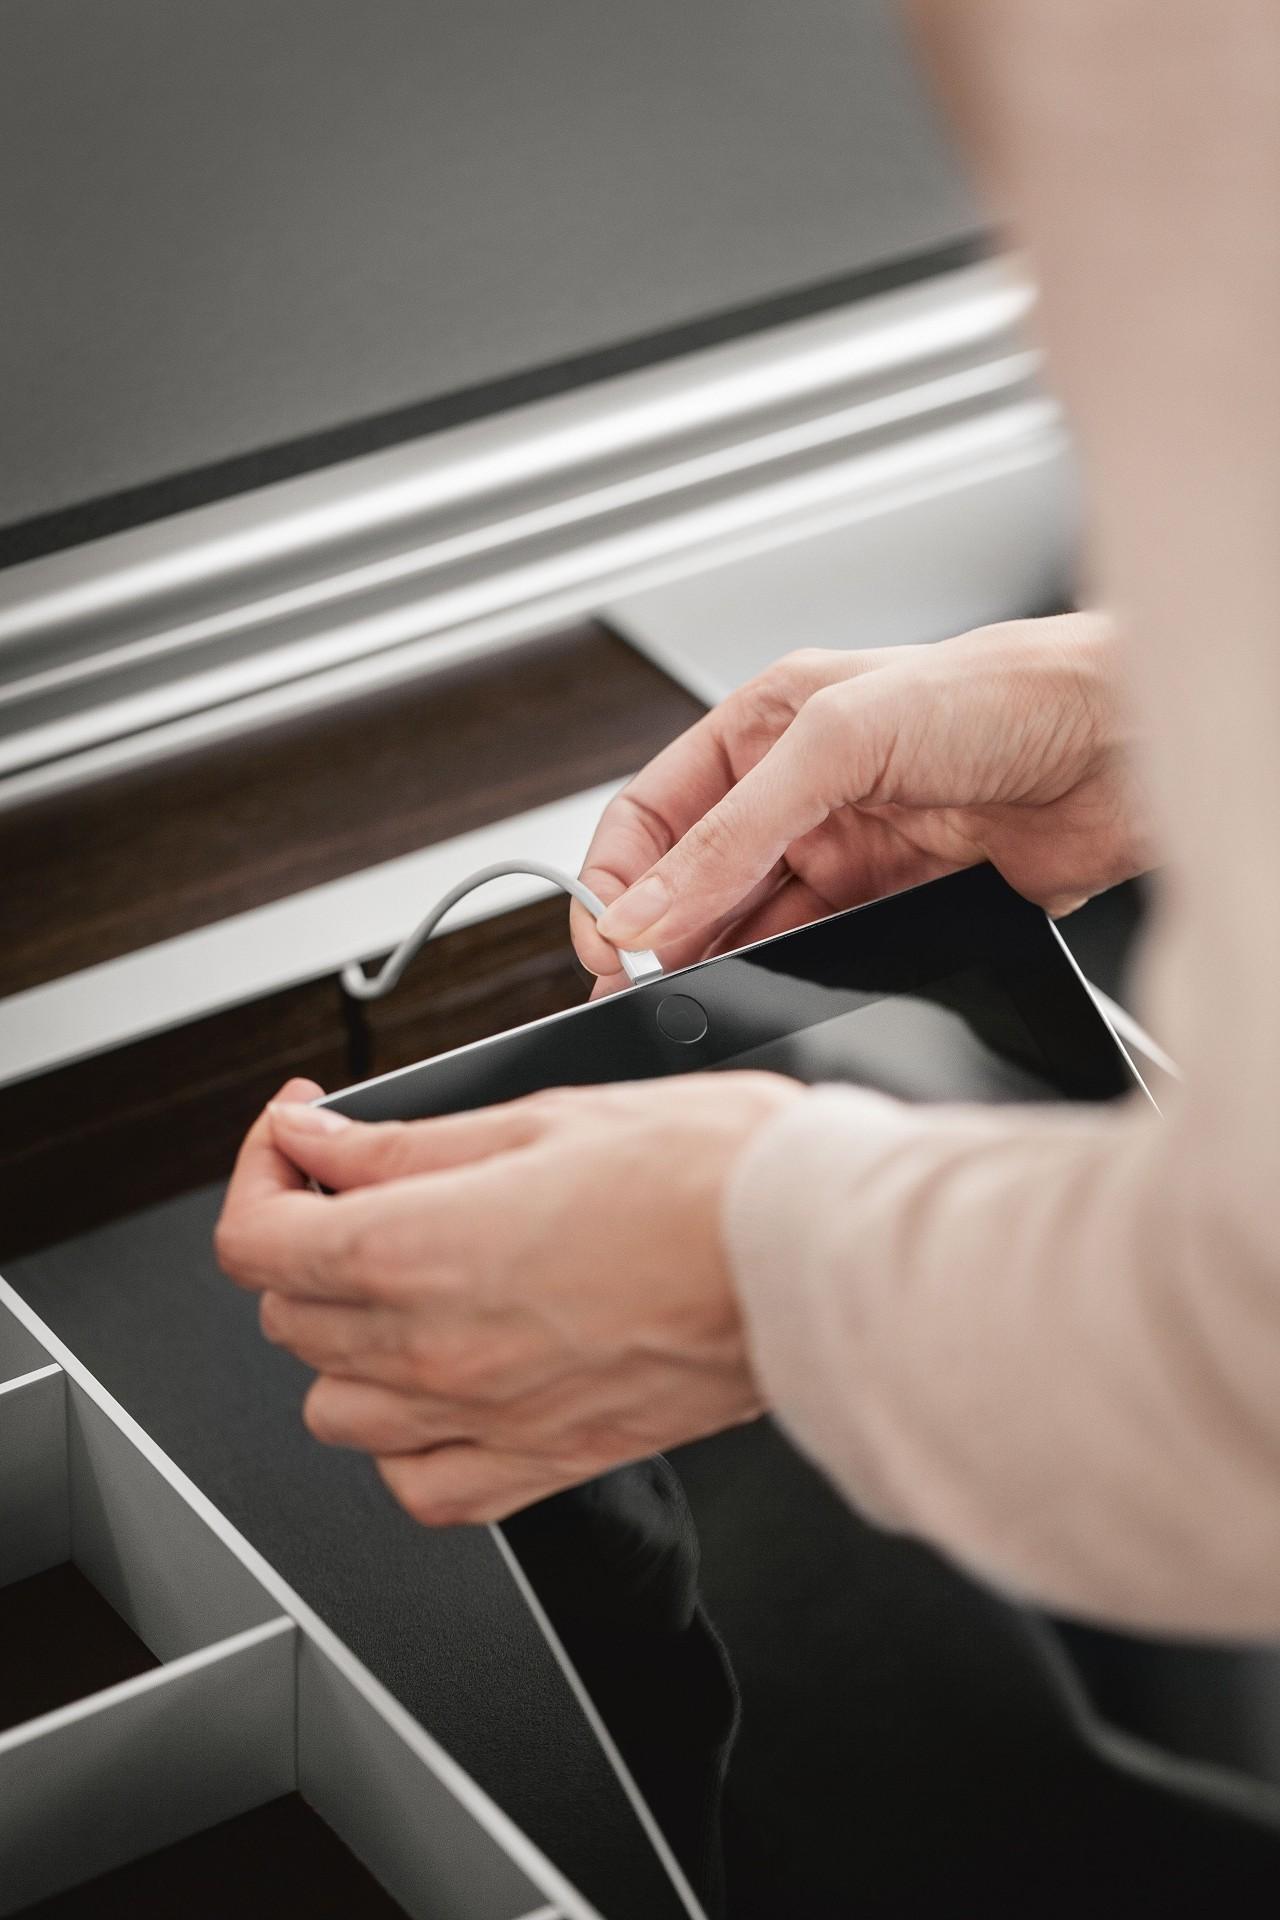 Station de charge USB du système d'aménagement aluminium SieMatic pour tiroir de cuisine pour charger iPhone et iPad.